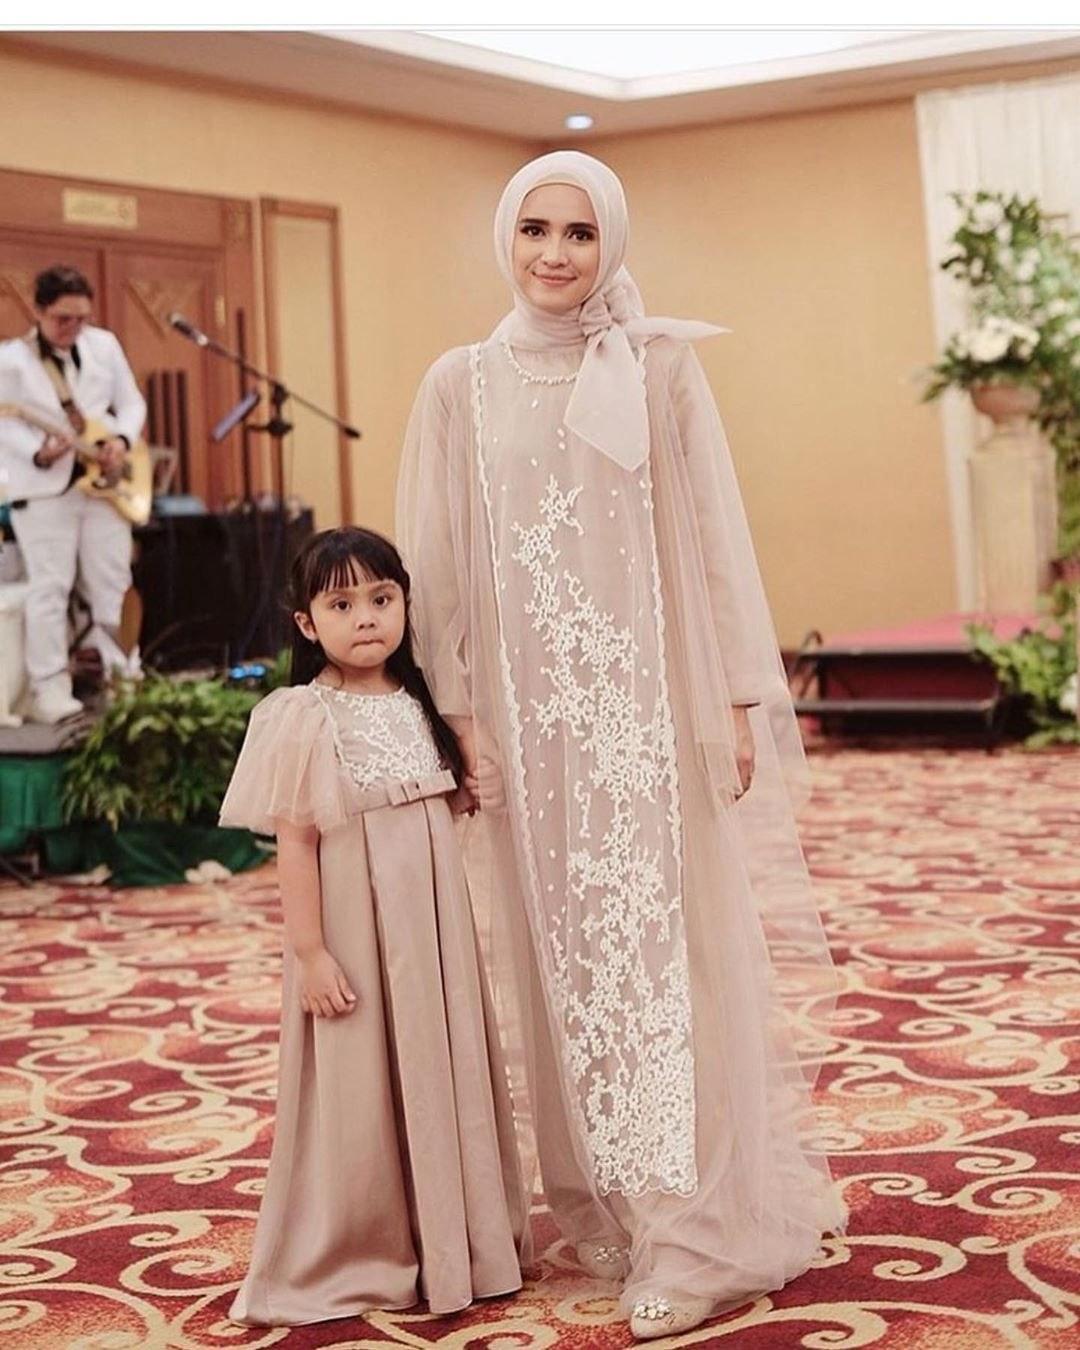 Ide Trend Warna Baju Lebaran 2020 Drdp 65 Model Kebaya Muslim Brokat Modern Hijab Terbaik 2020